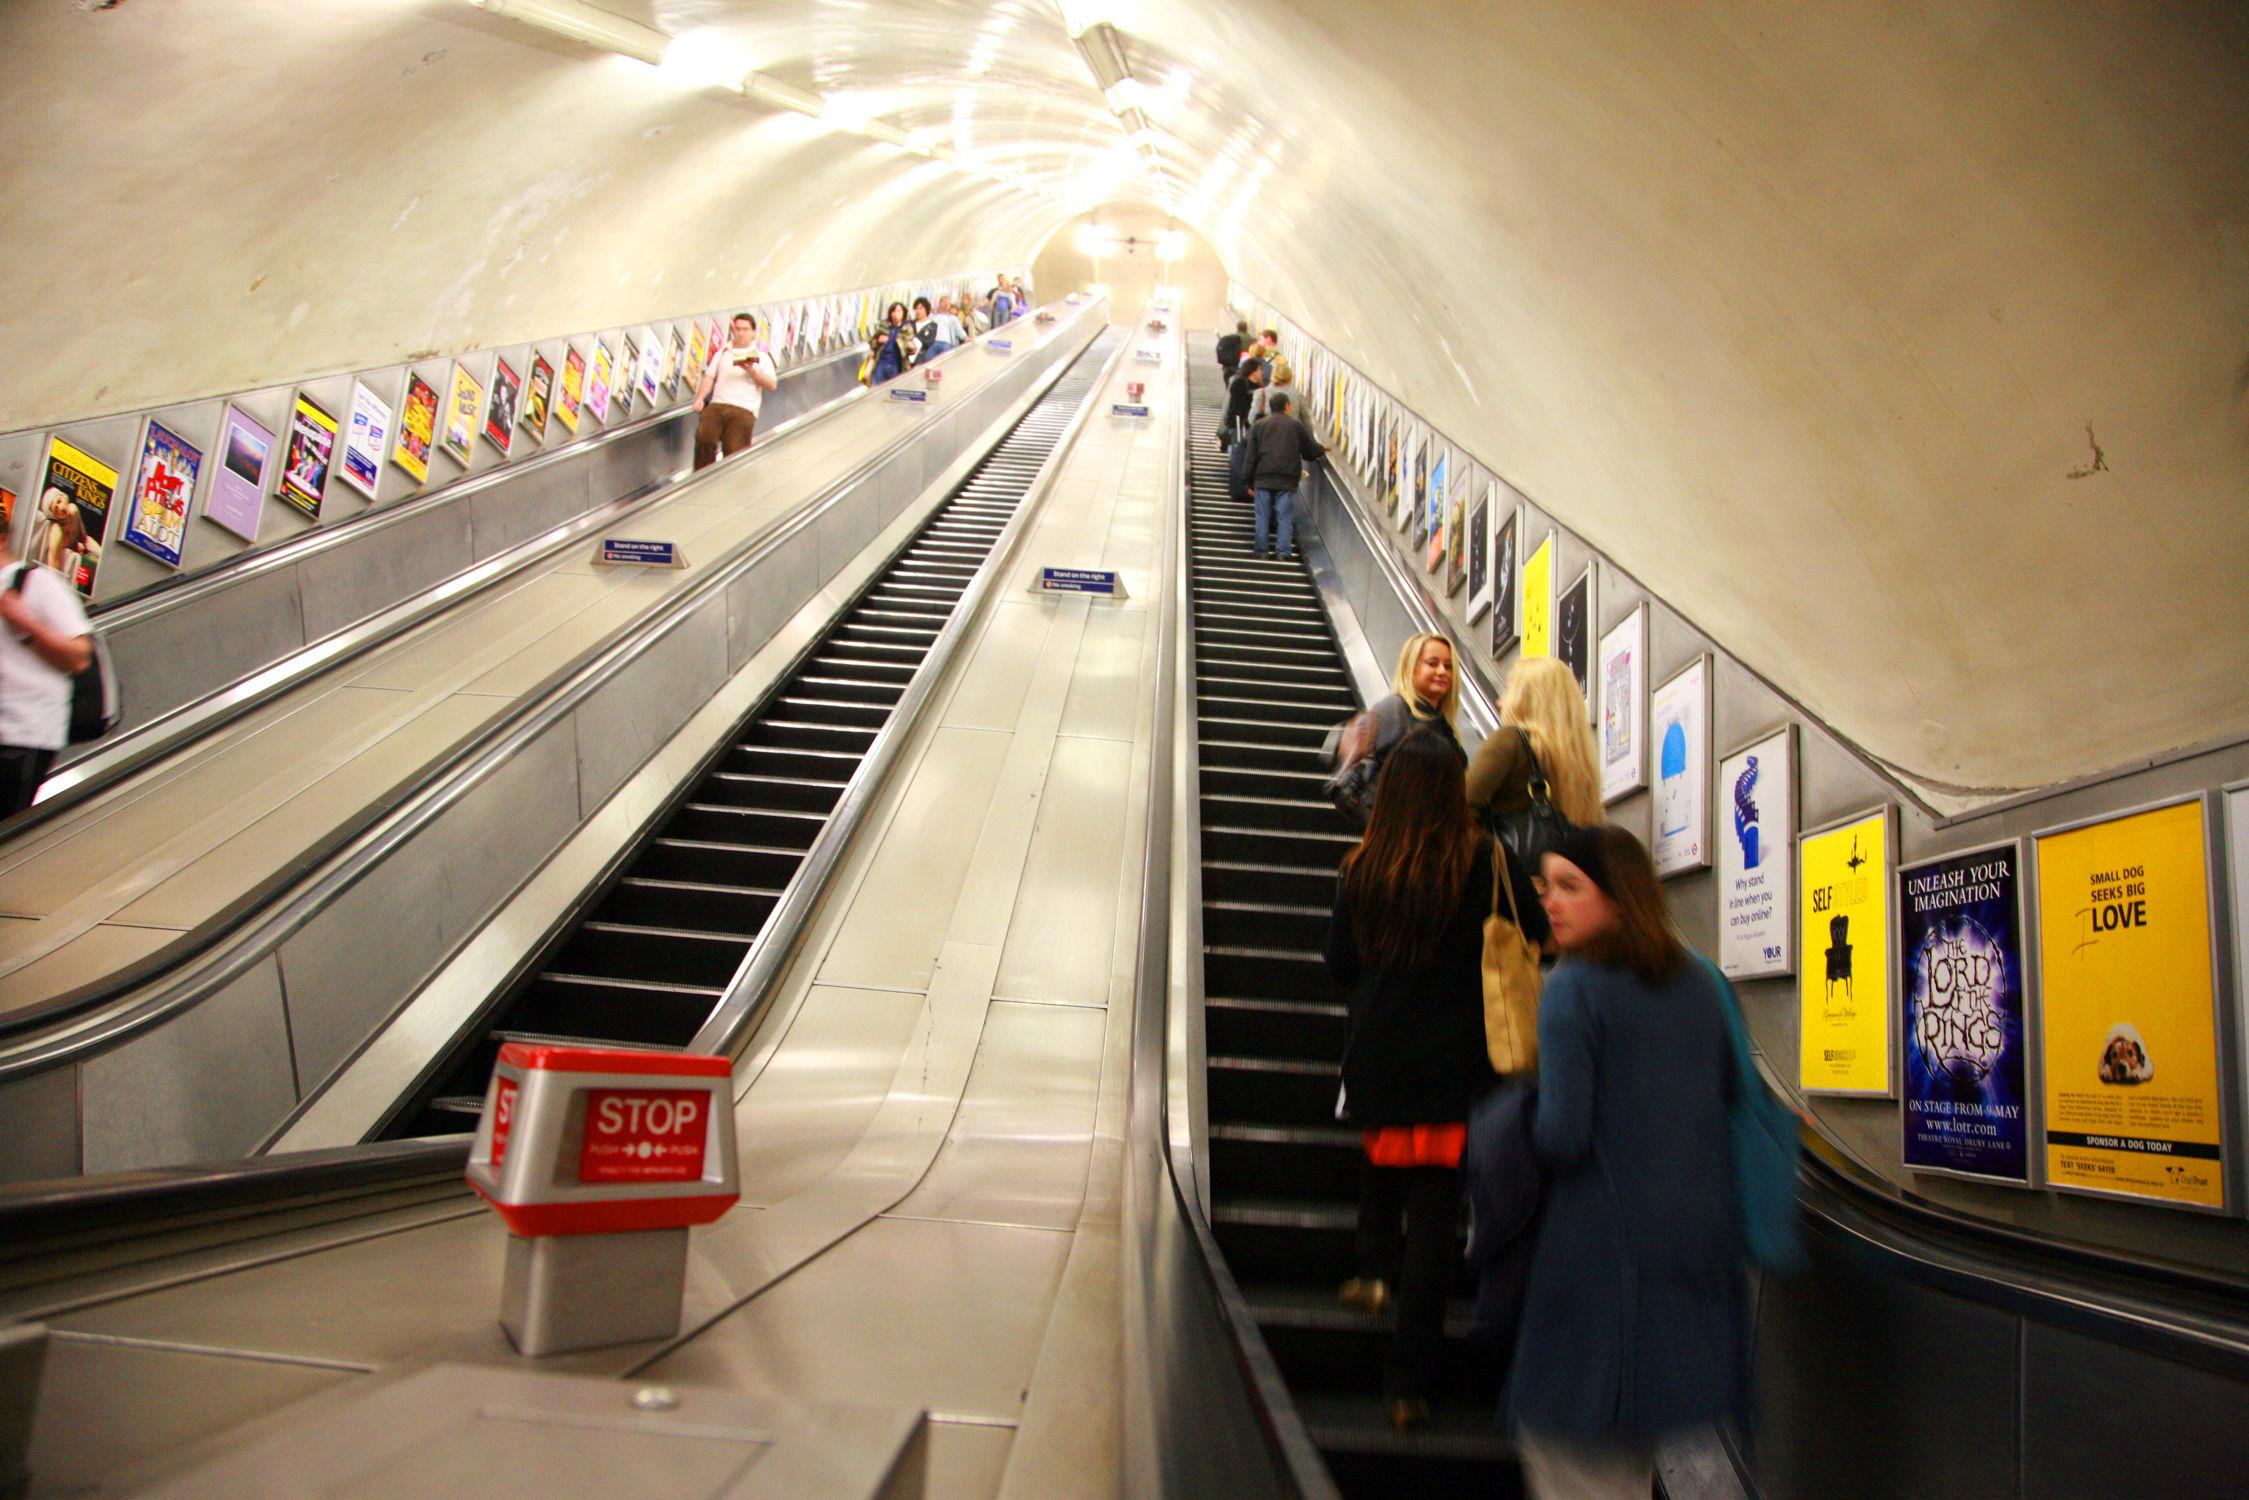 Bild mit Städte, London, Stadt, City of London, City, Bahn, Bahnen, Rolltreppe, Rolltreppen, London Underground